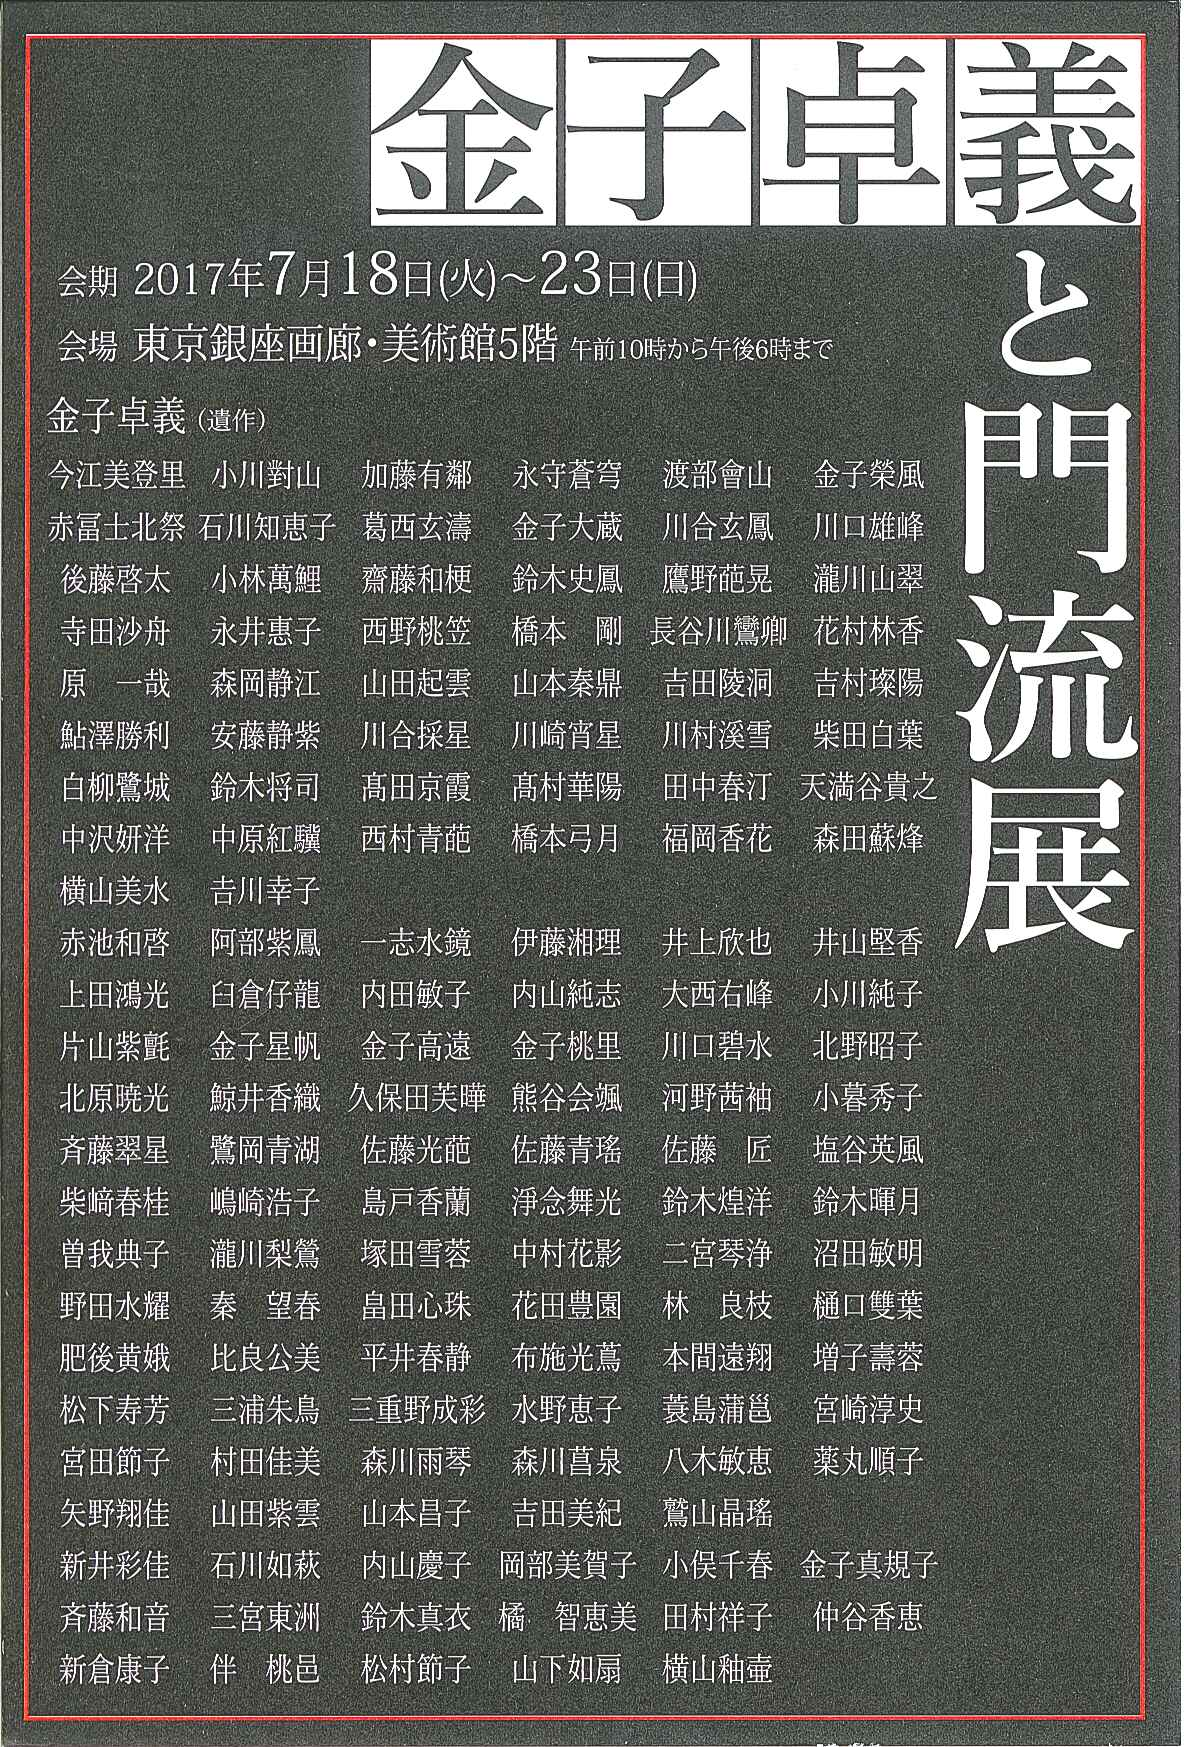 http://www.sogen.or.jp/letter/2017/06/14/20170614125514191_0001.jpg